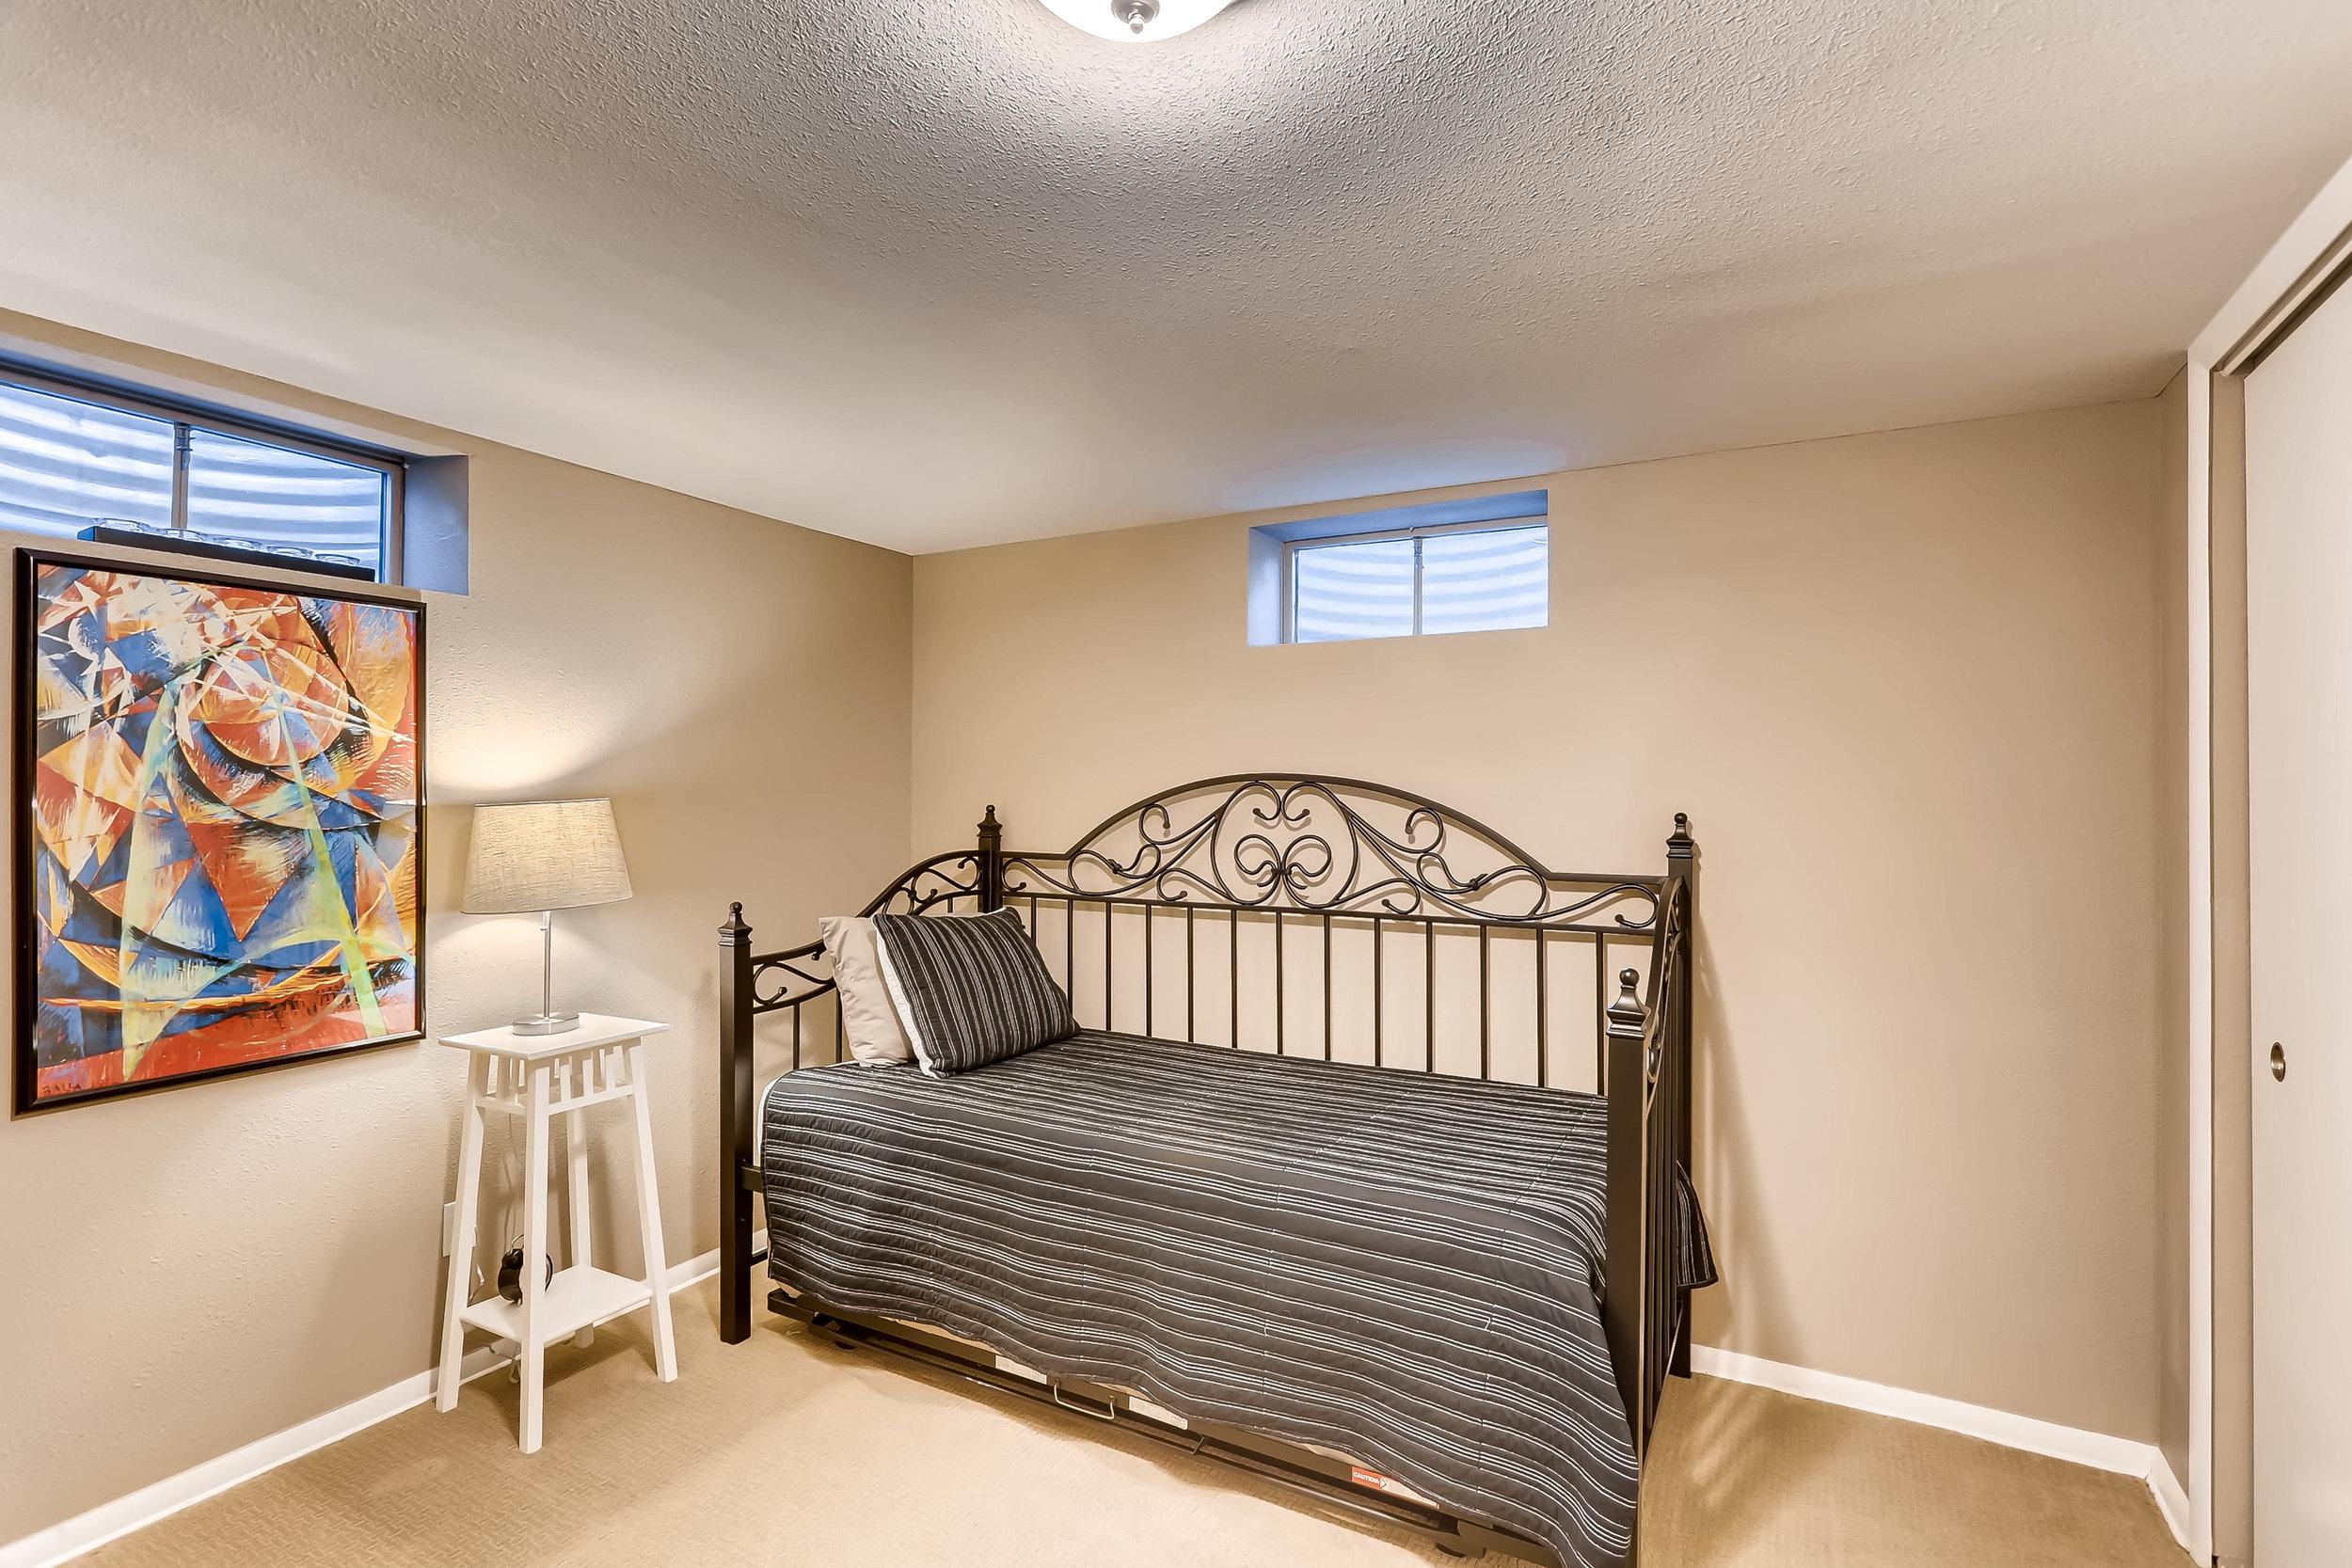 7330 E 12th St Denver CO 80220-print-022-23-Lower Level Bedroom-3600x2400-300dpi.jpg